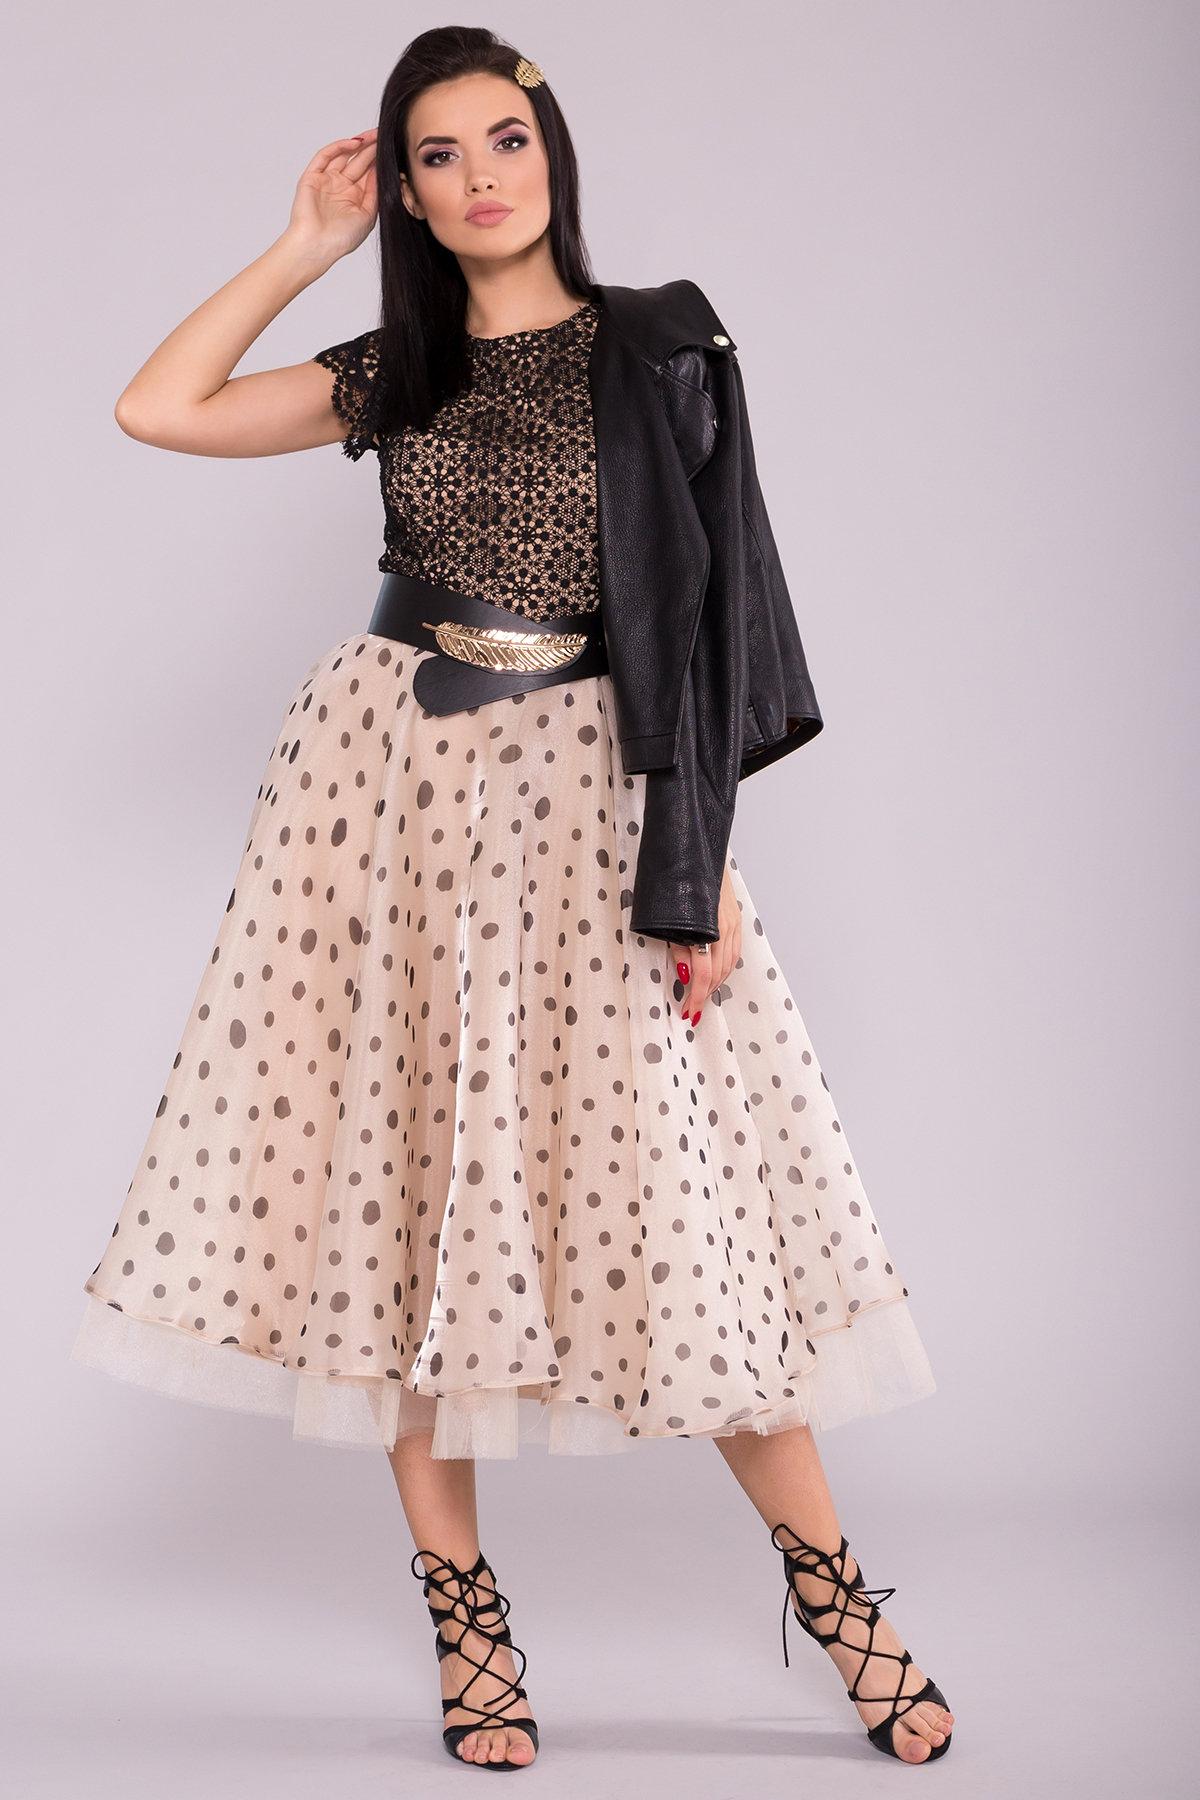 Модное платье в горох 6950 Цвет: Бежевый/Черный